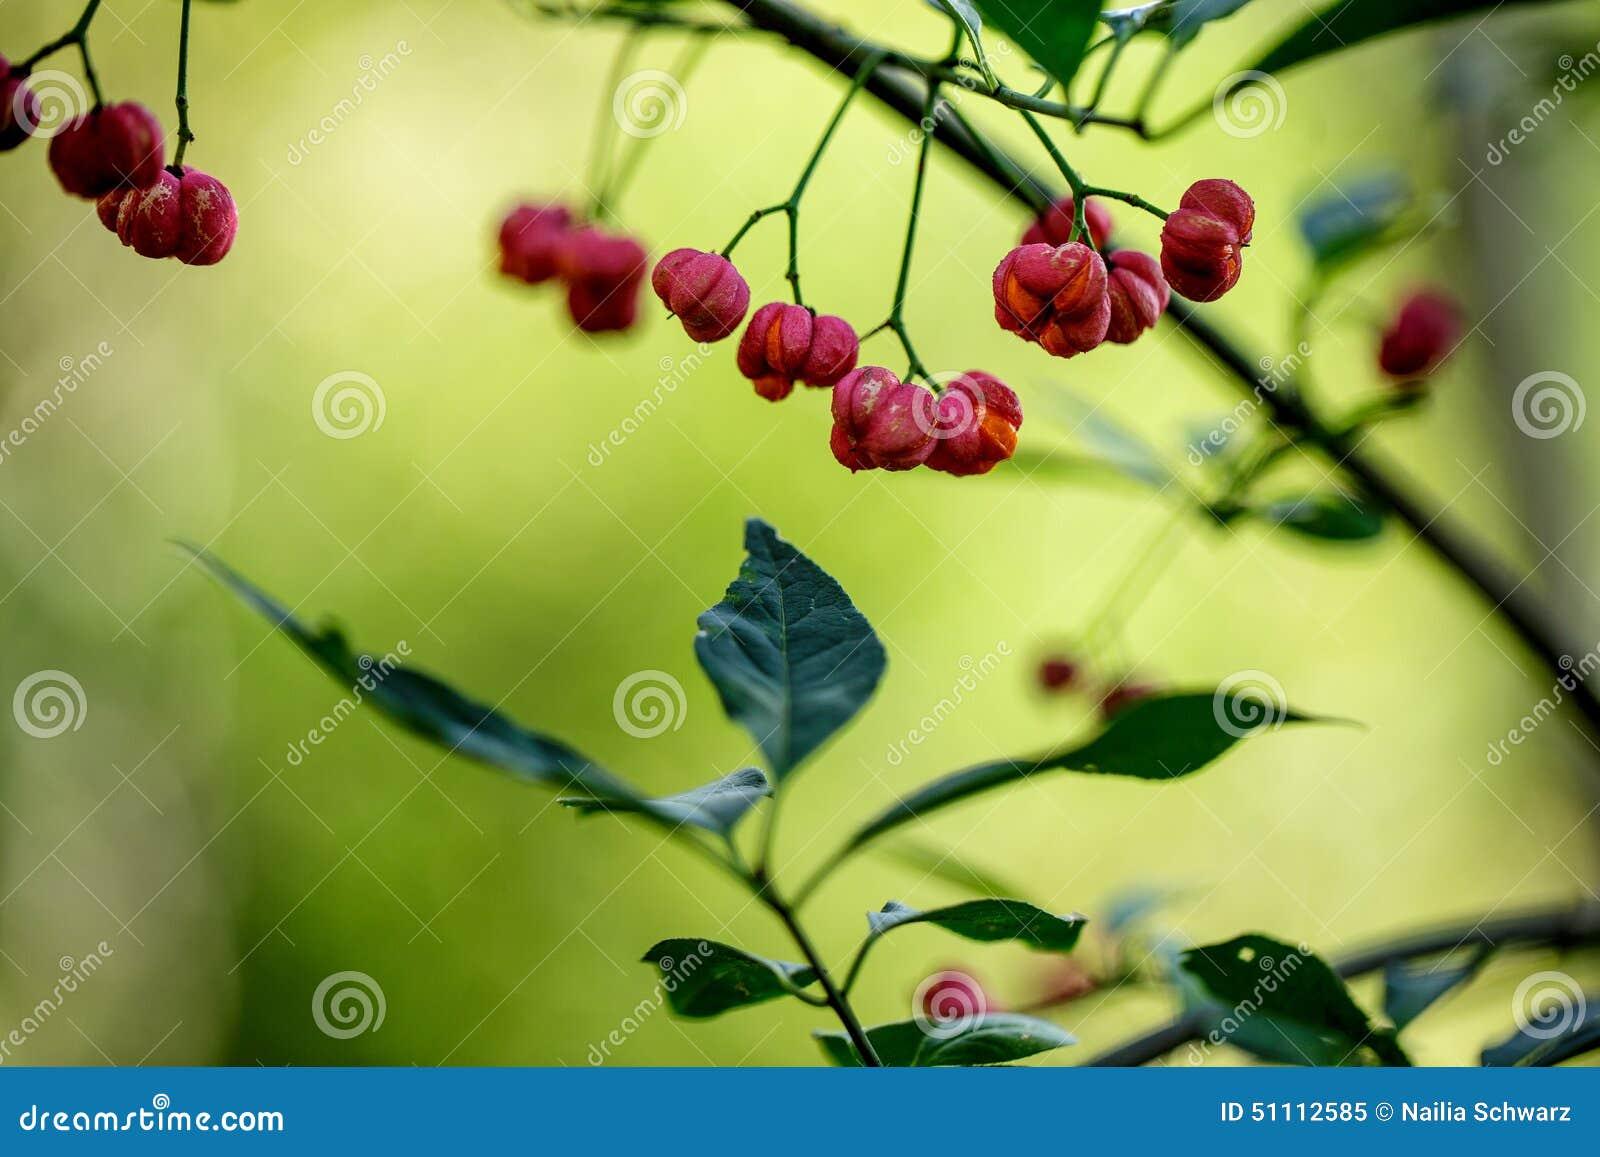 Baies rouges sur l 39 arbuste photo stock image 51112585 - Arbuste a baies rouges ...